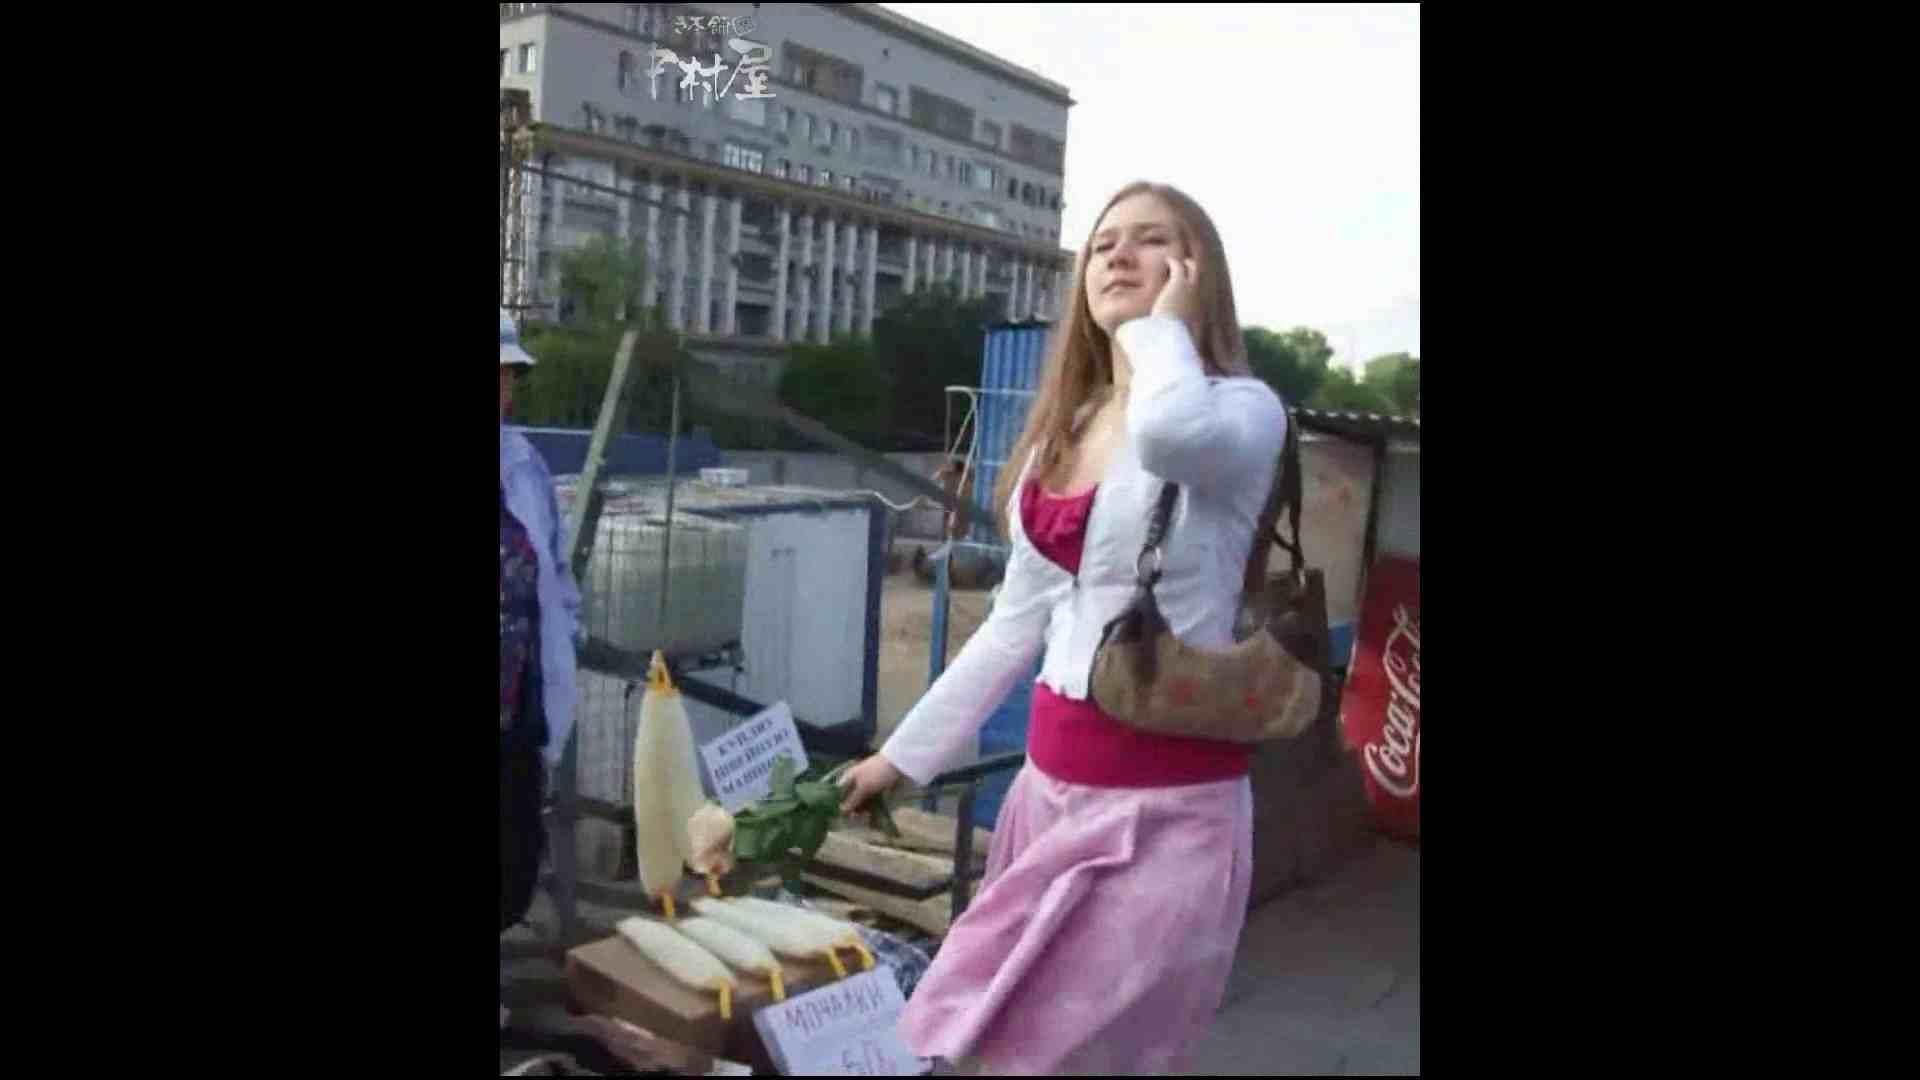 綺麗なモデルさんのスカート捲っちゃおう‼ vol21 お姉さんヌード | OLセックス  100画像 65